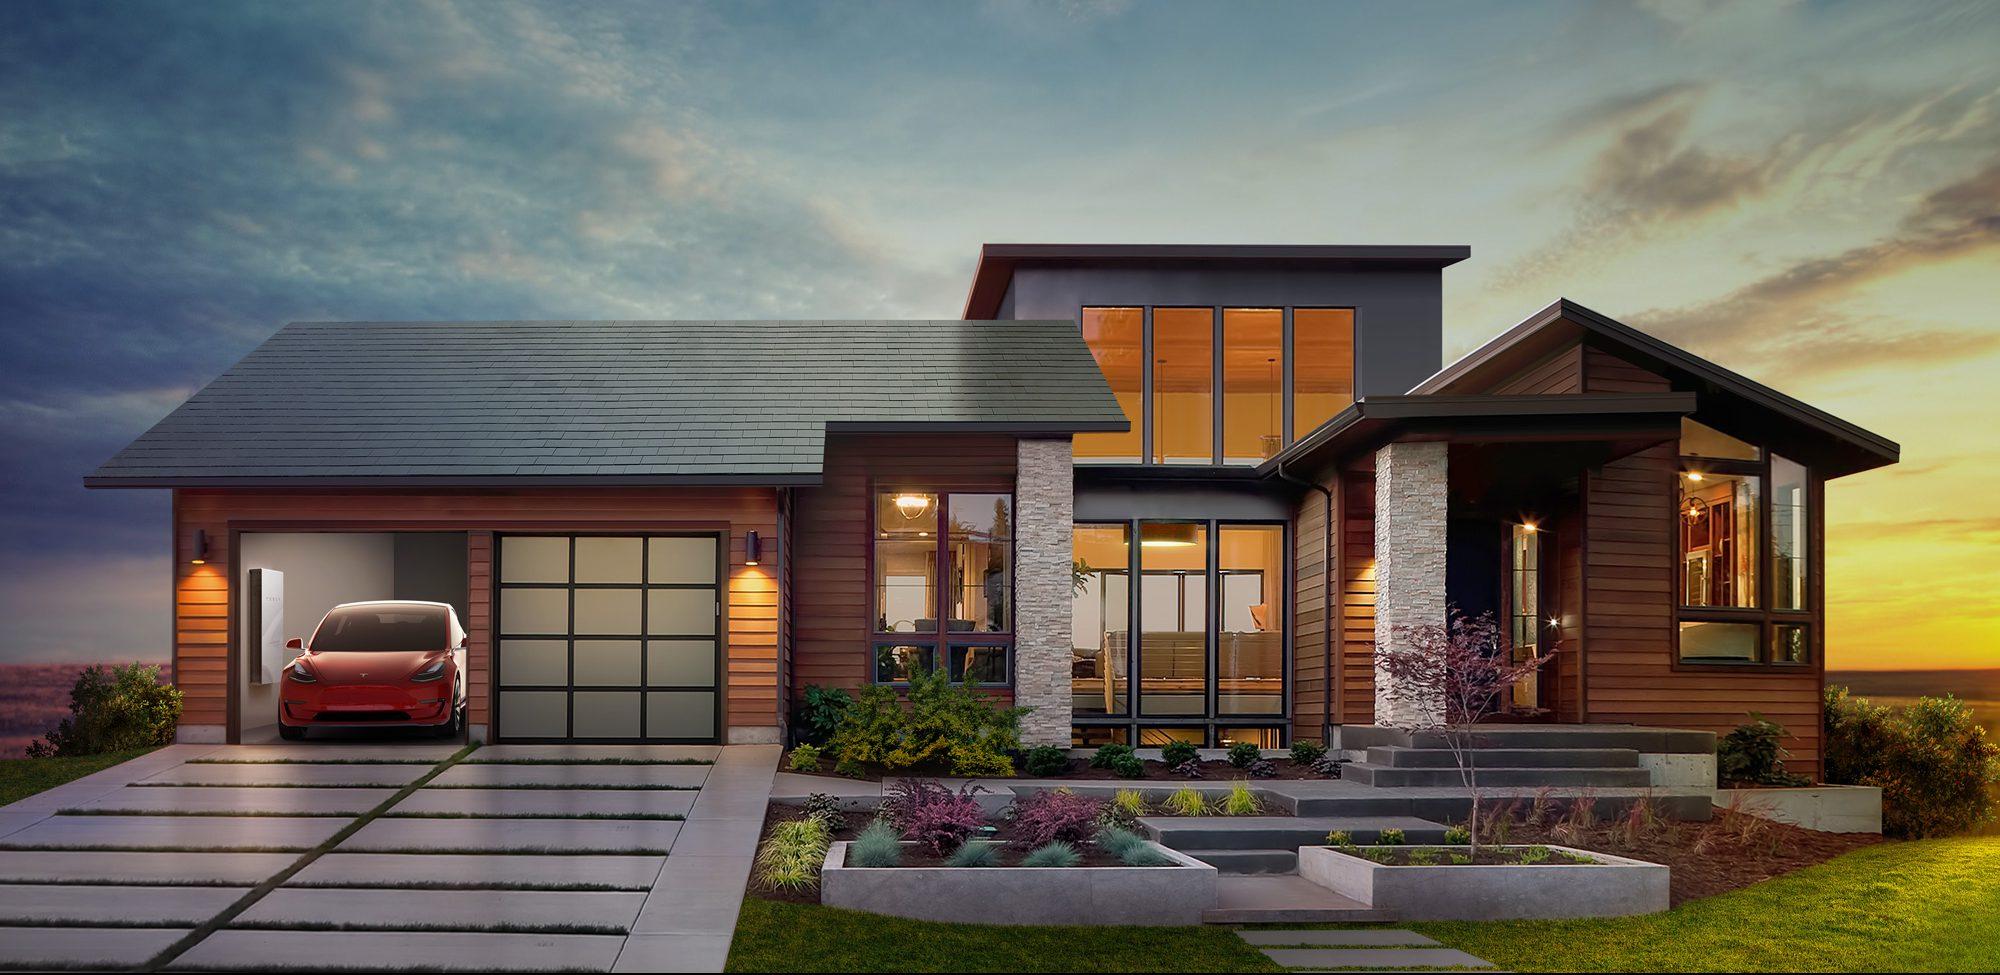 Солнечная крыша Tesla будет дешевле обычной без учёта электрогенерации - 1